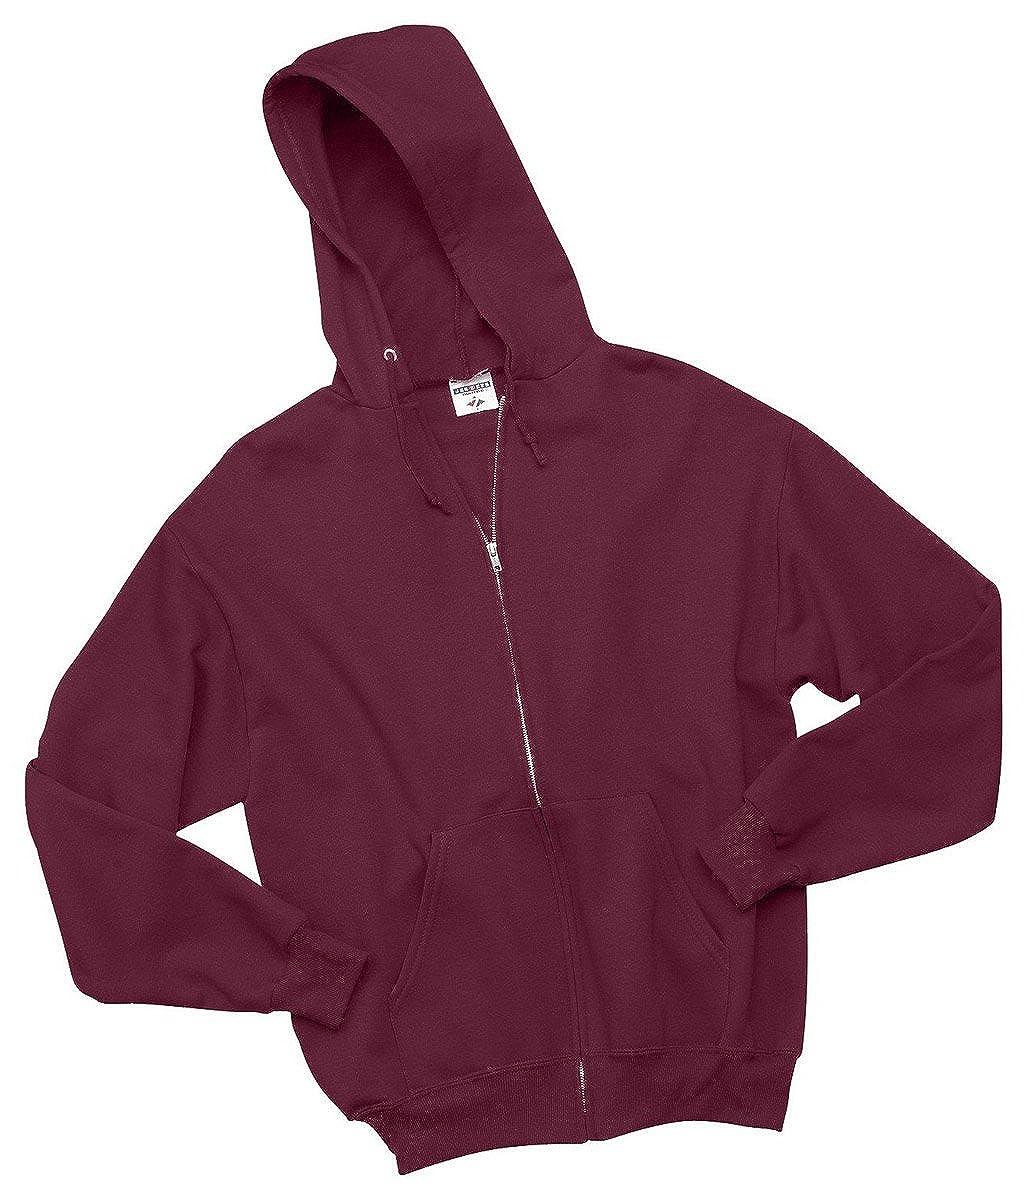 Jerzees Youth 8 oz 50//50 NuBlend Fleece Full-Zip Hood 993B